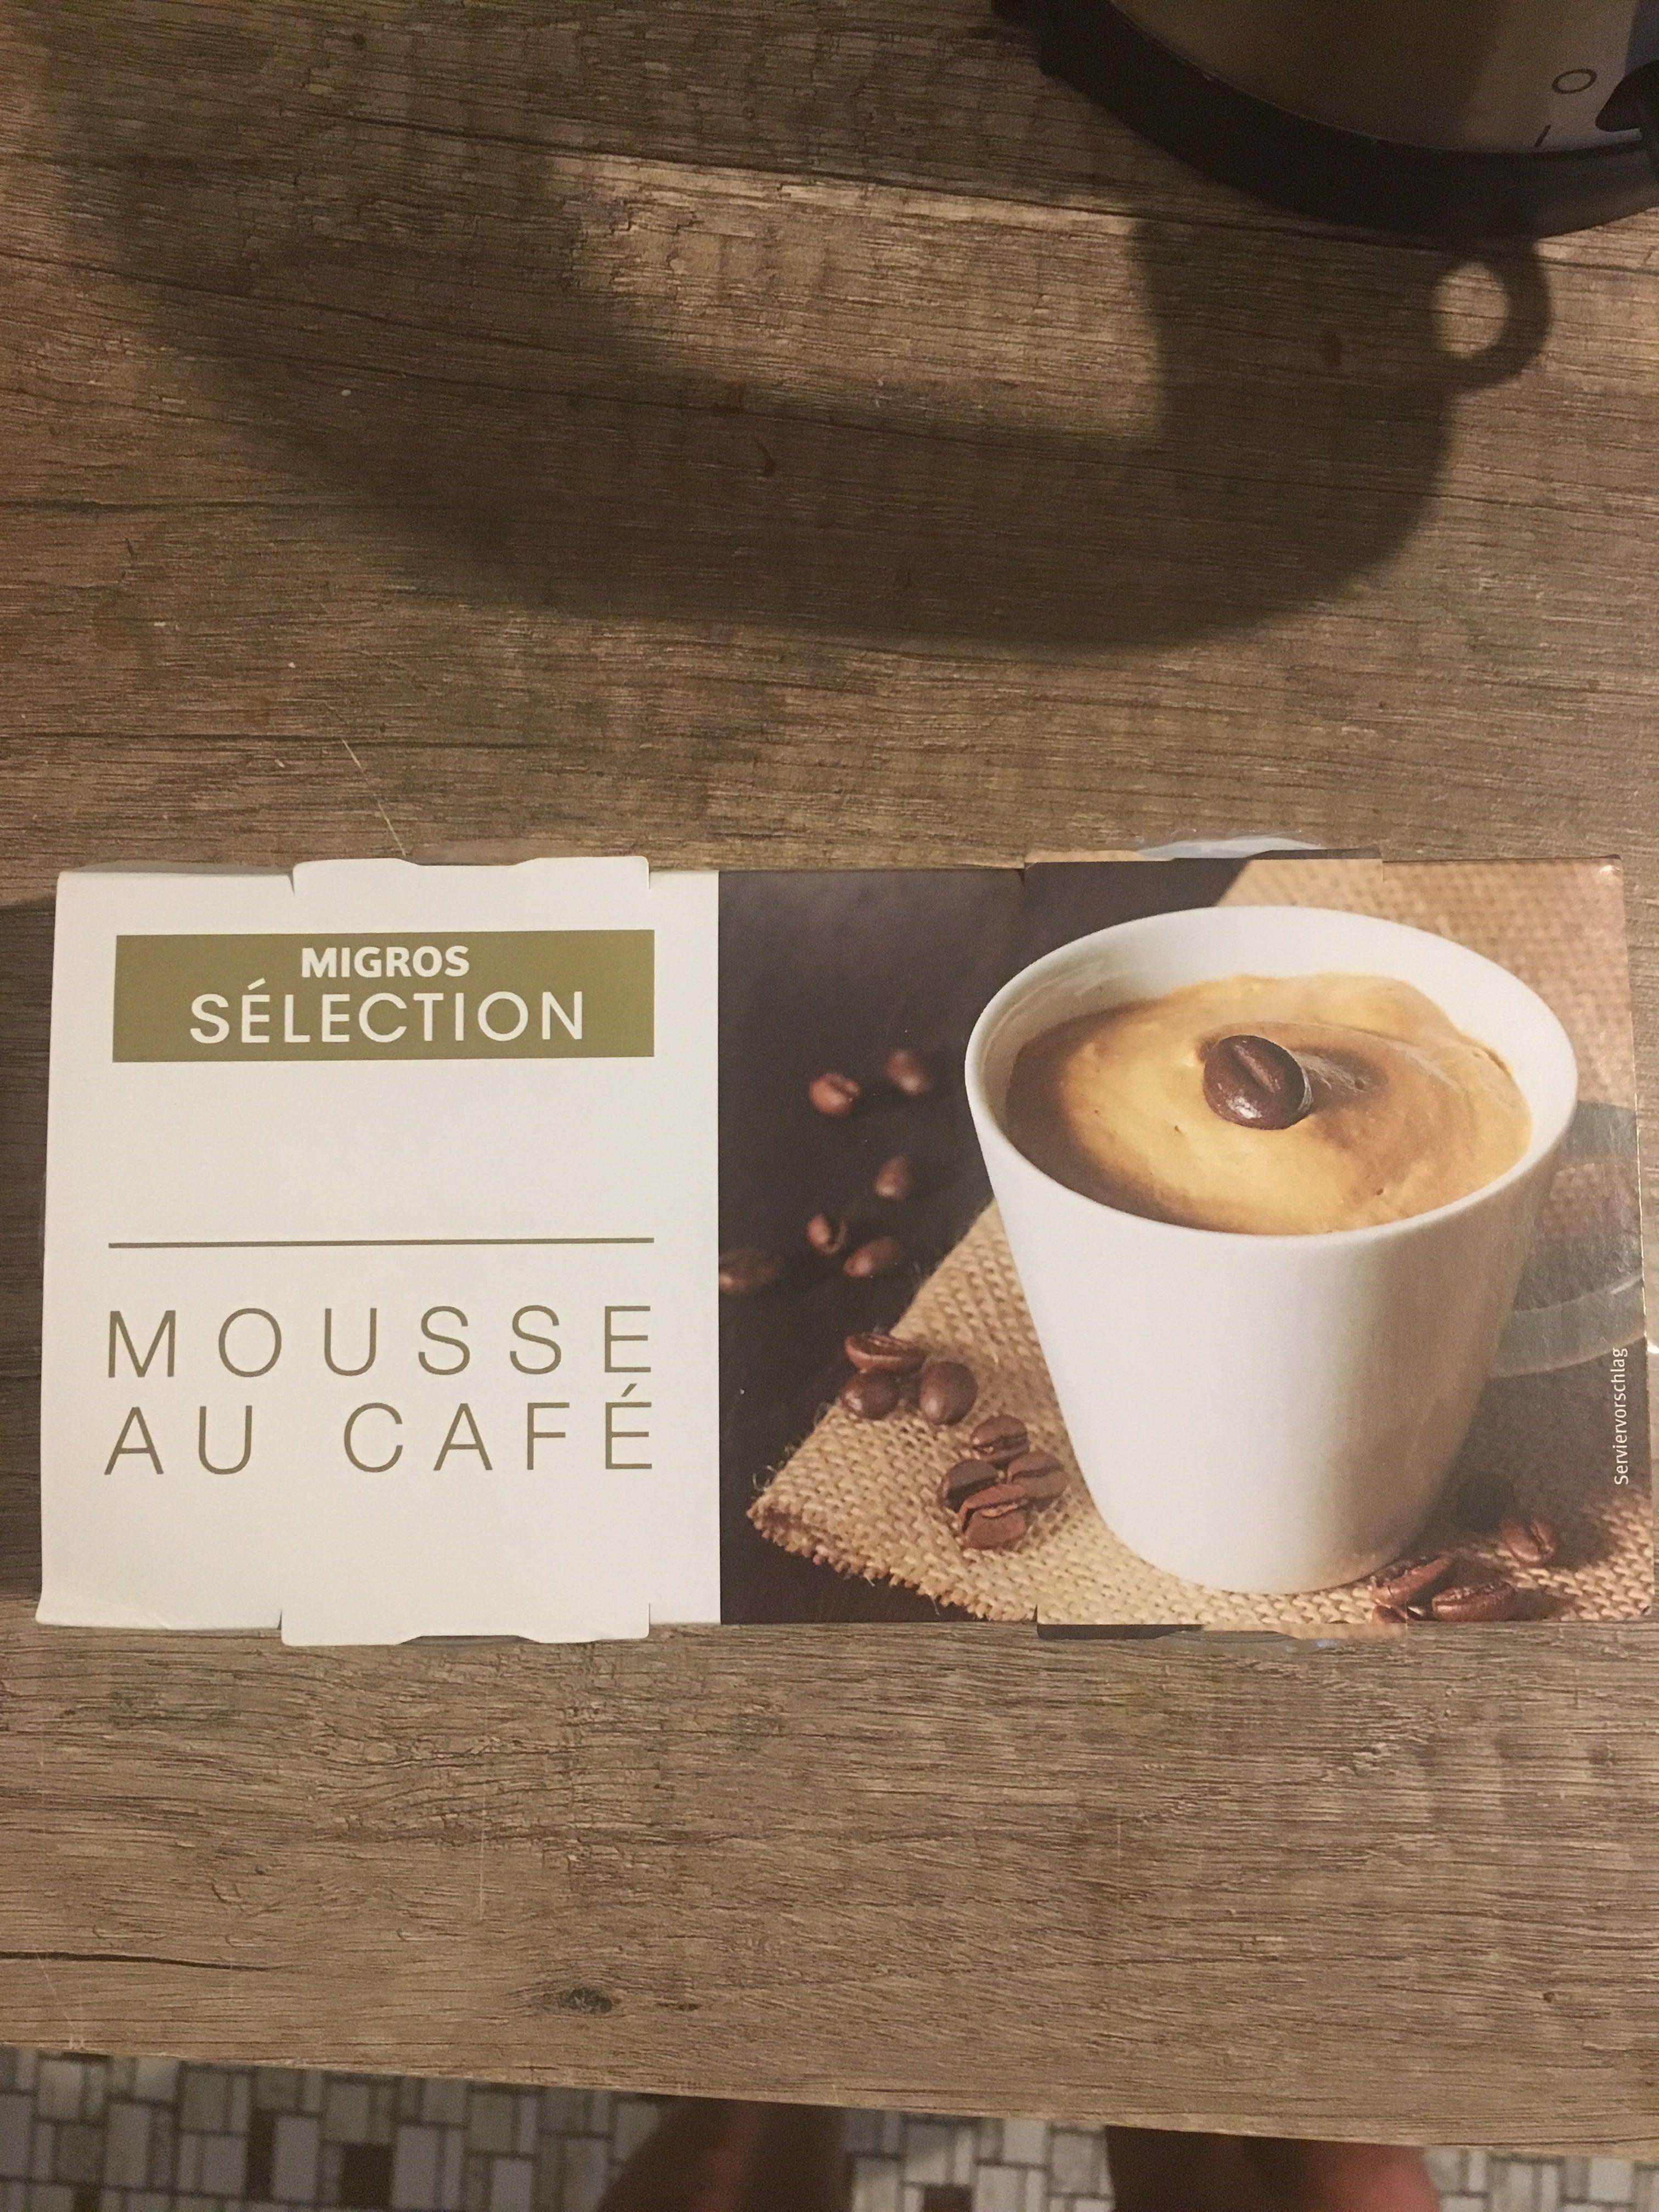 Mousse au café - Migros Sélection - Product